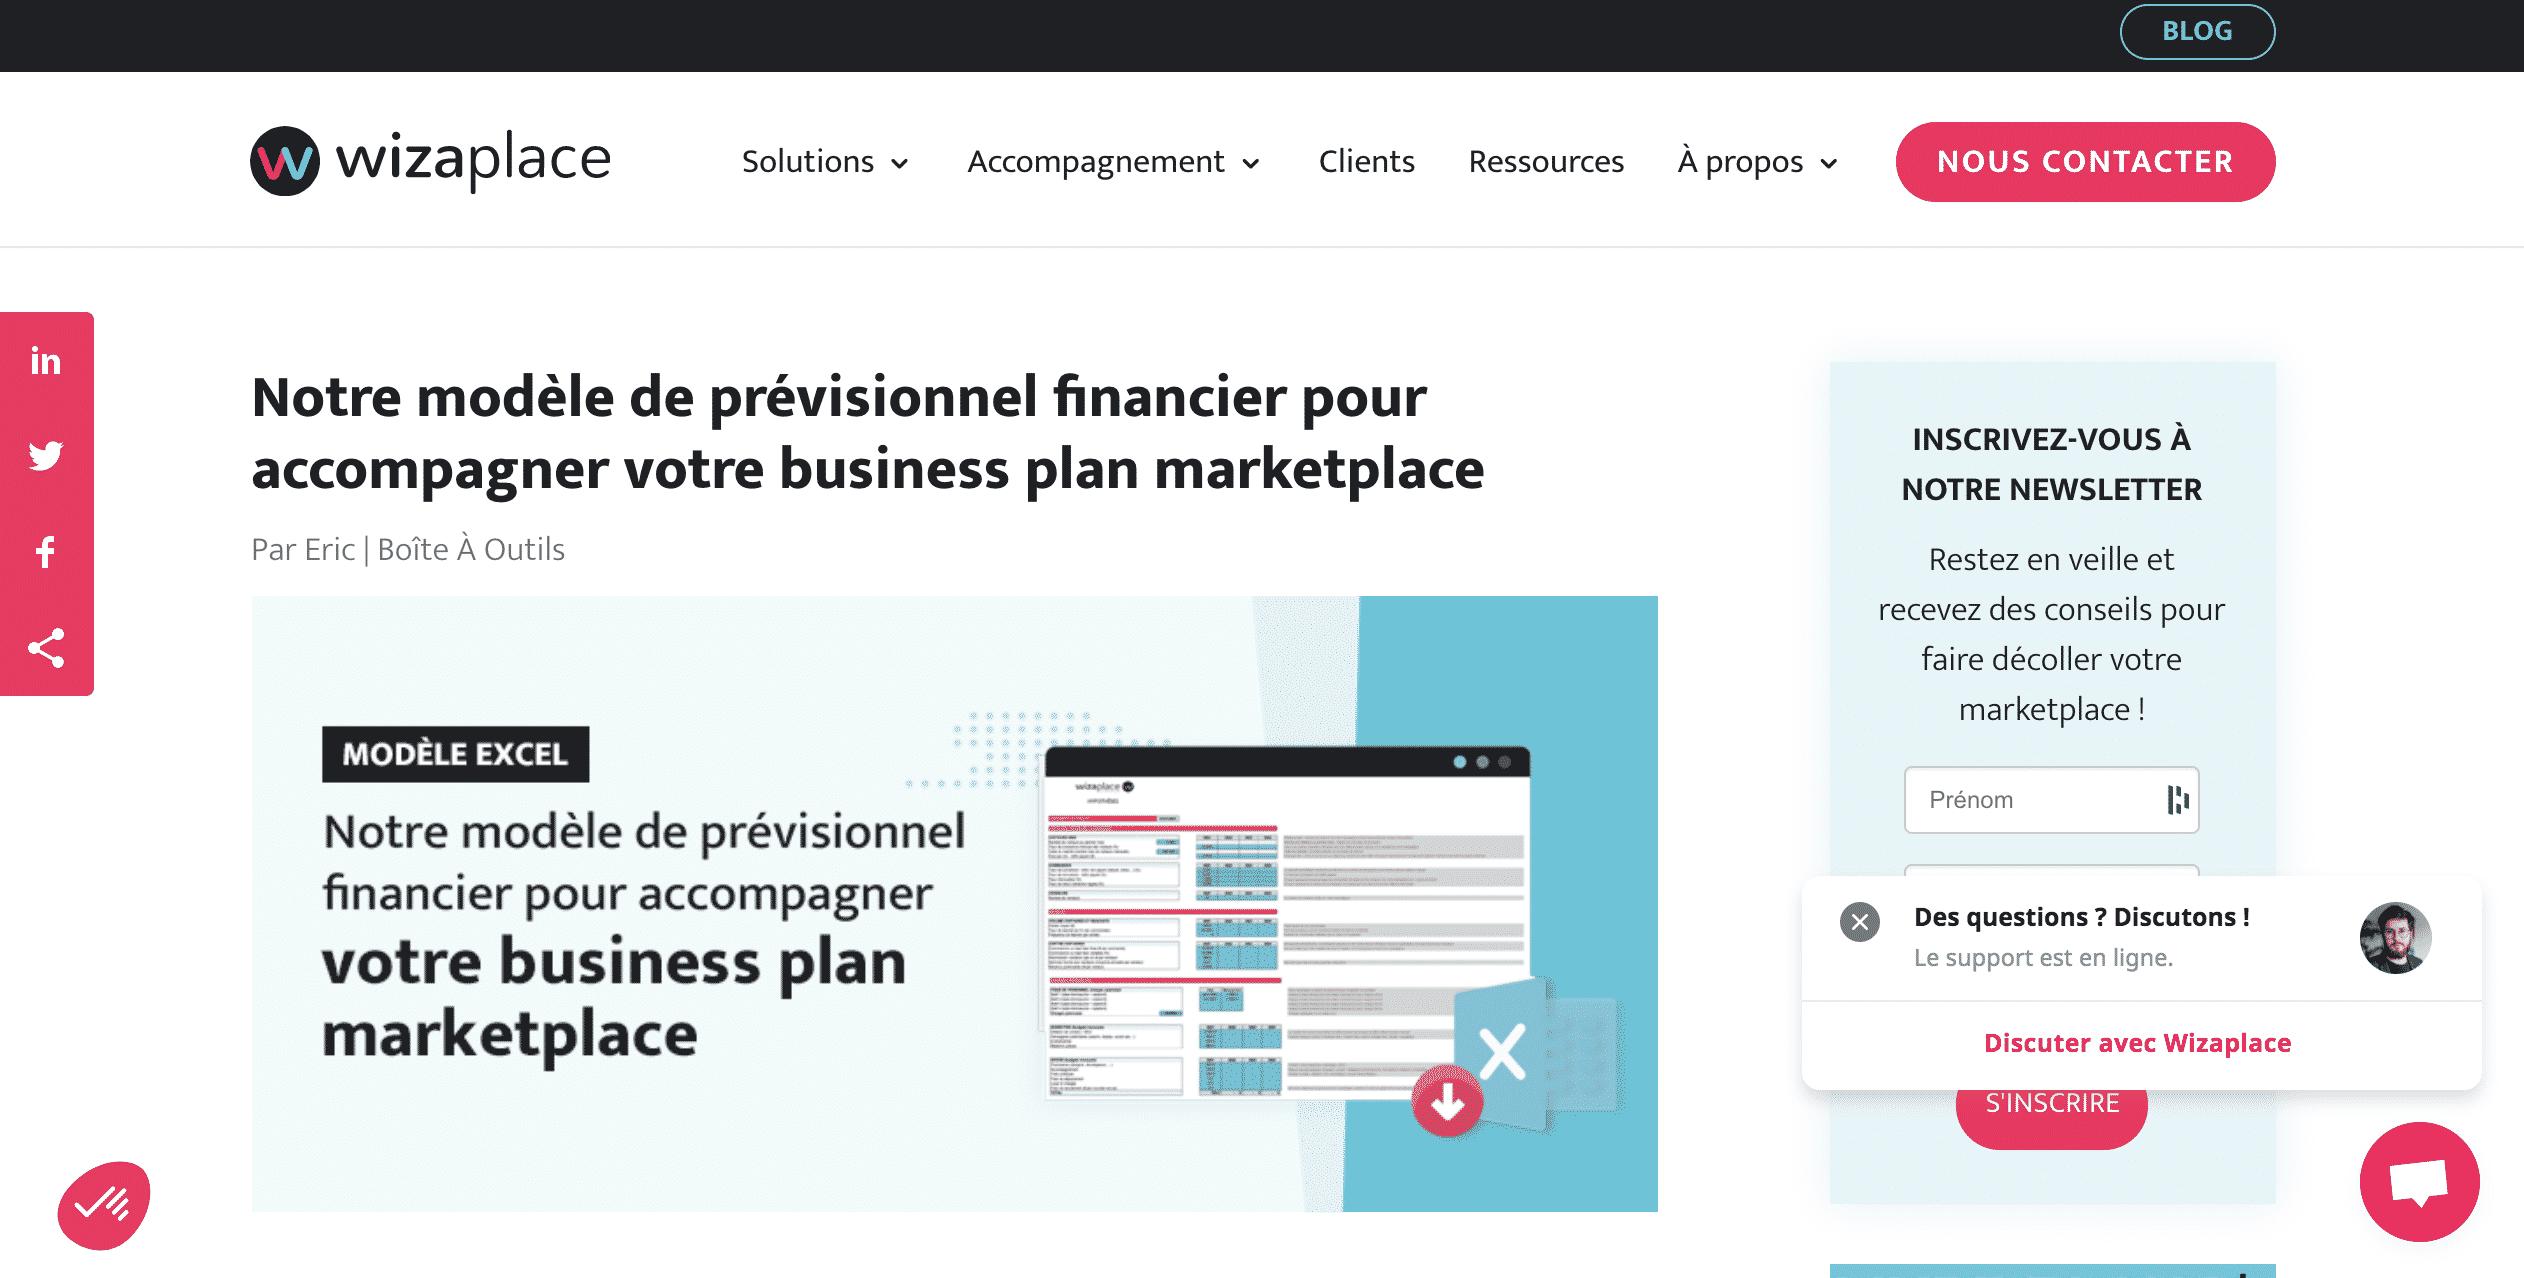 Wizaplace business plan gratuit